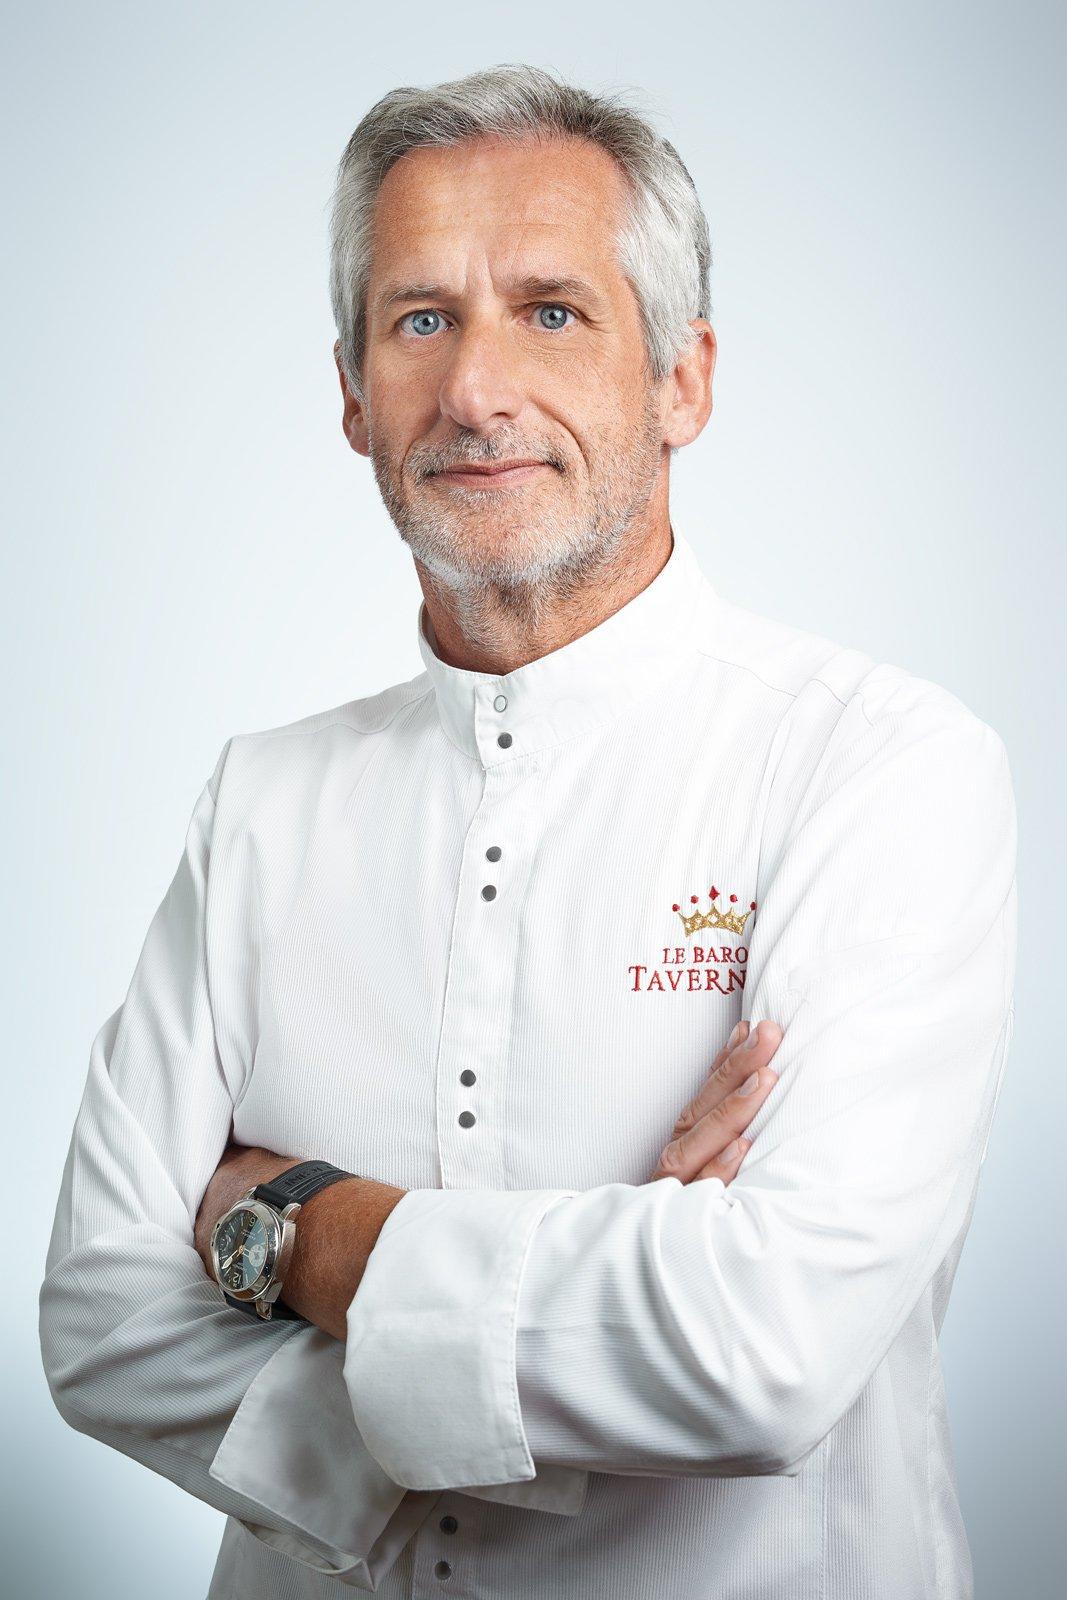 Portrait d'un chef cuisinier sur fond blanc